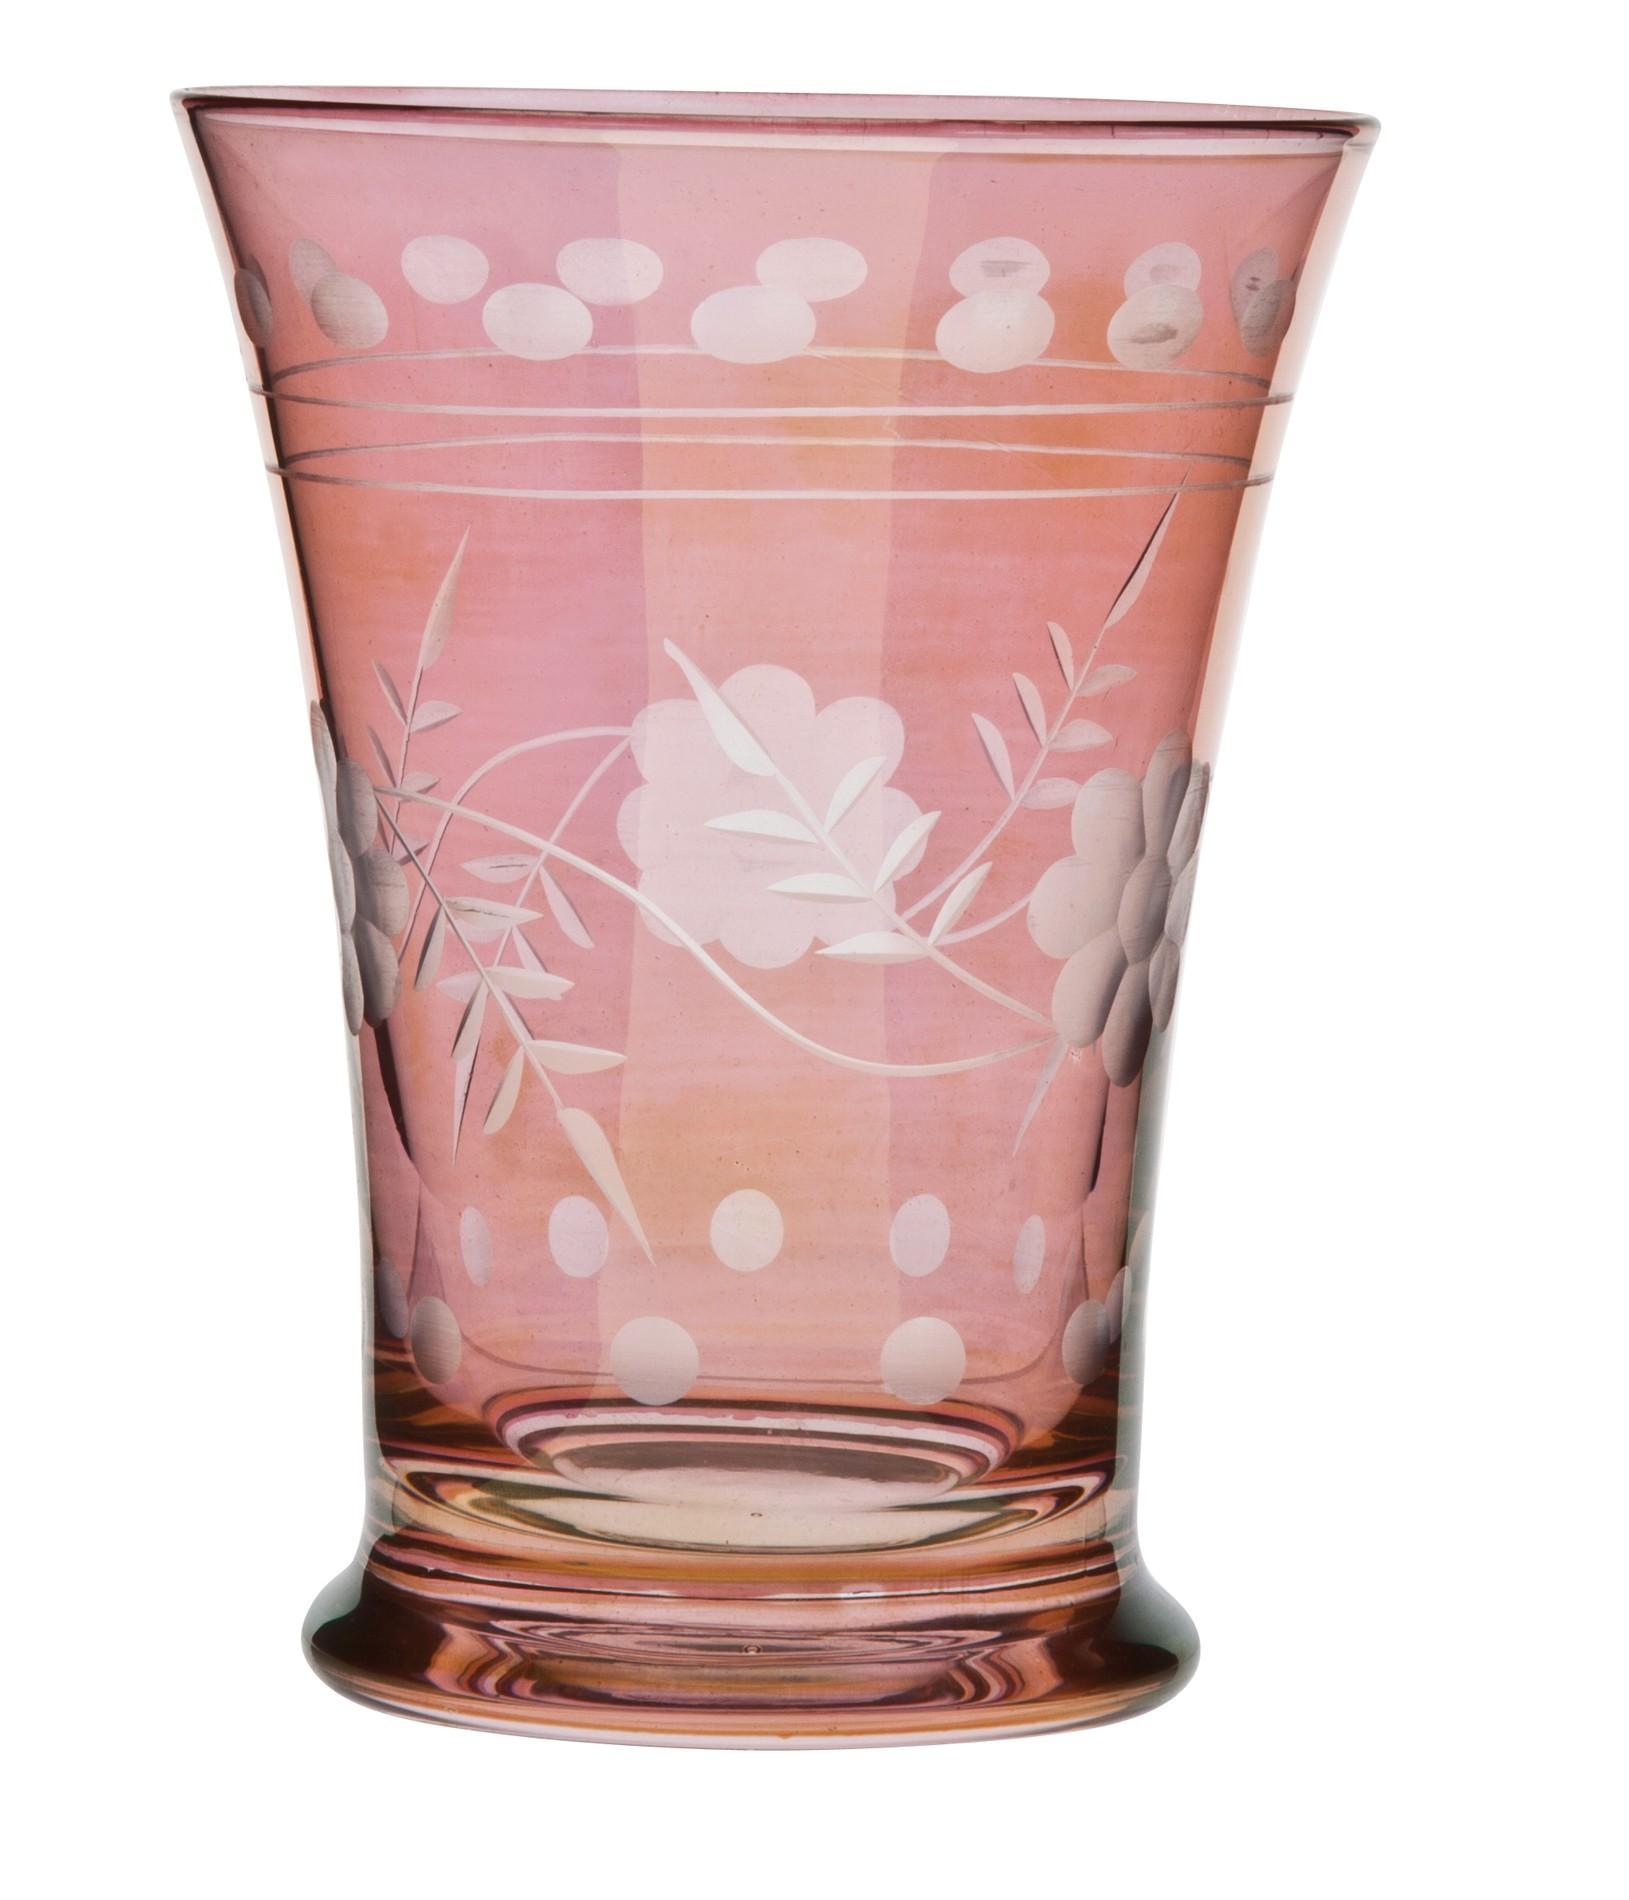 Ποτήρι Κρασιού Shine Σετ 6Τμχ Ροζ 200ml Ionia home   ειδη σερβιρισματος   ποτήρια